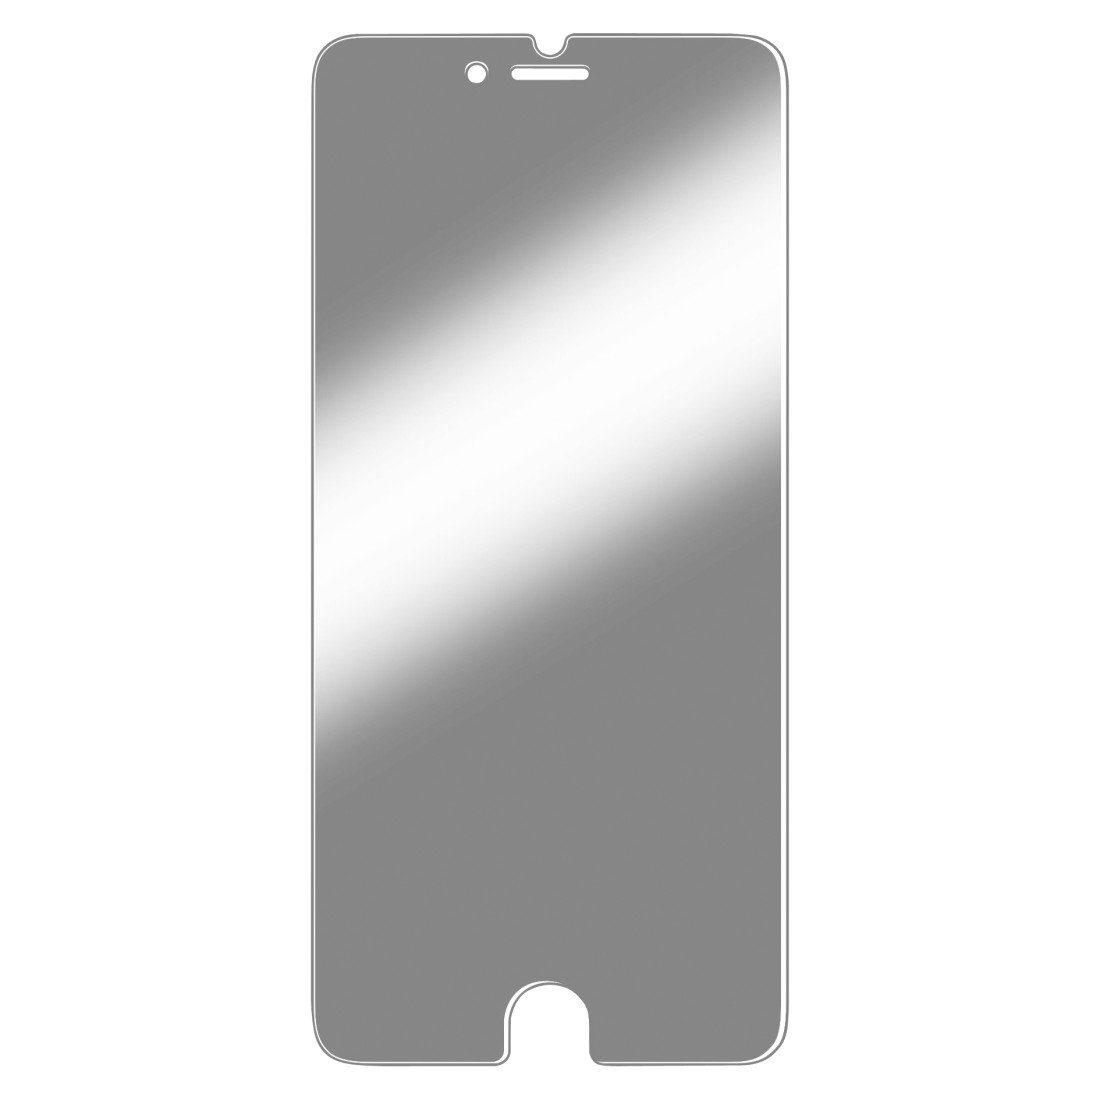 Hama Displayschutzfolie für Apple iPhone 6 Plus/6s Plus, 2er Set »Displayschutz Schutzfolie«